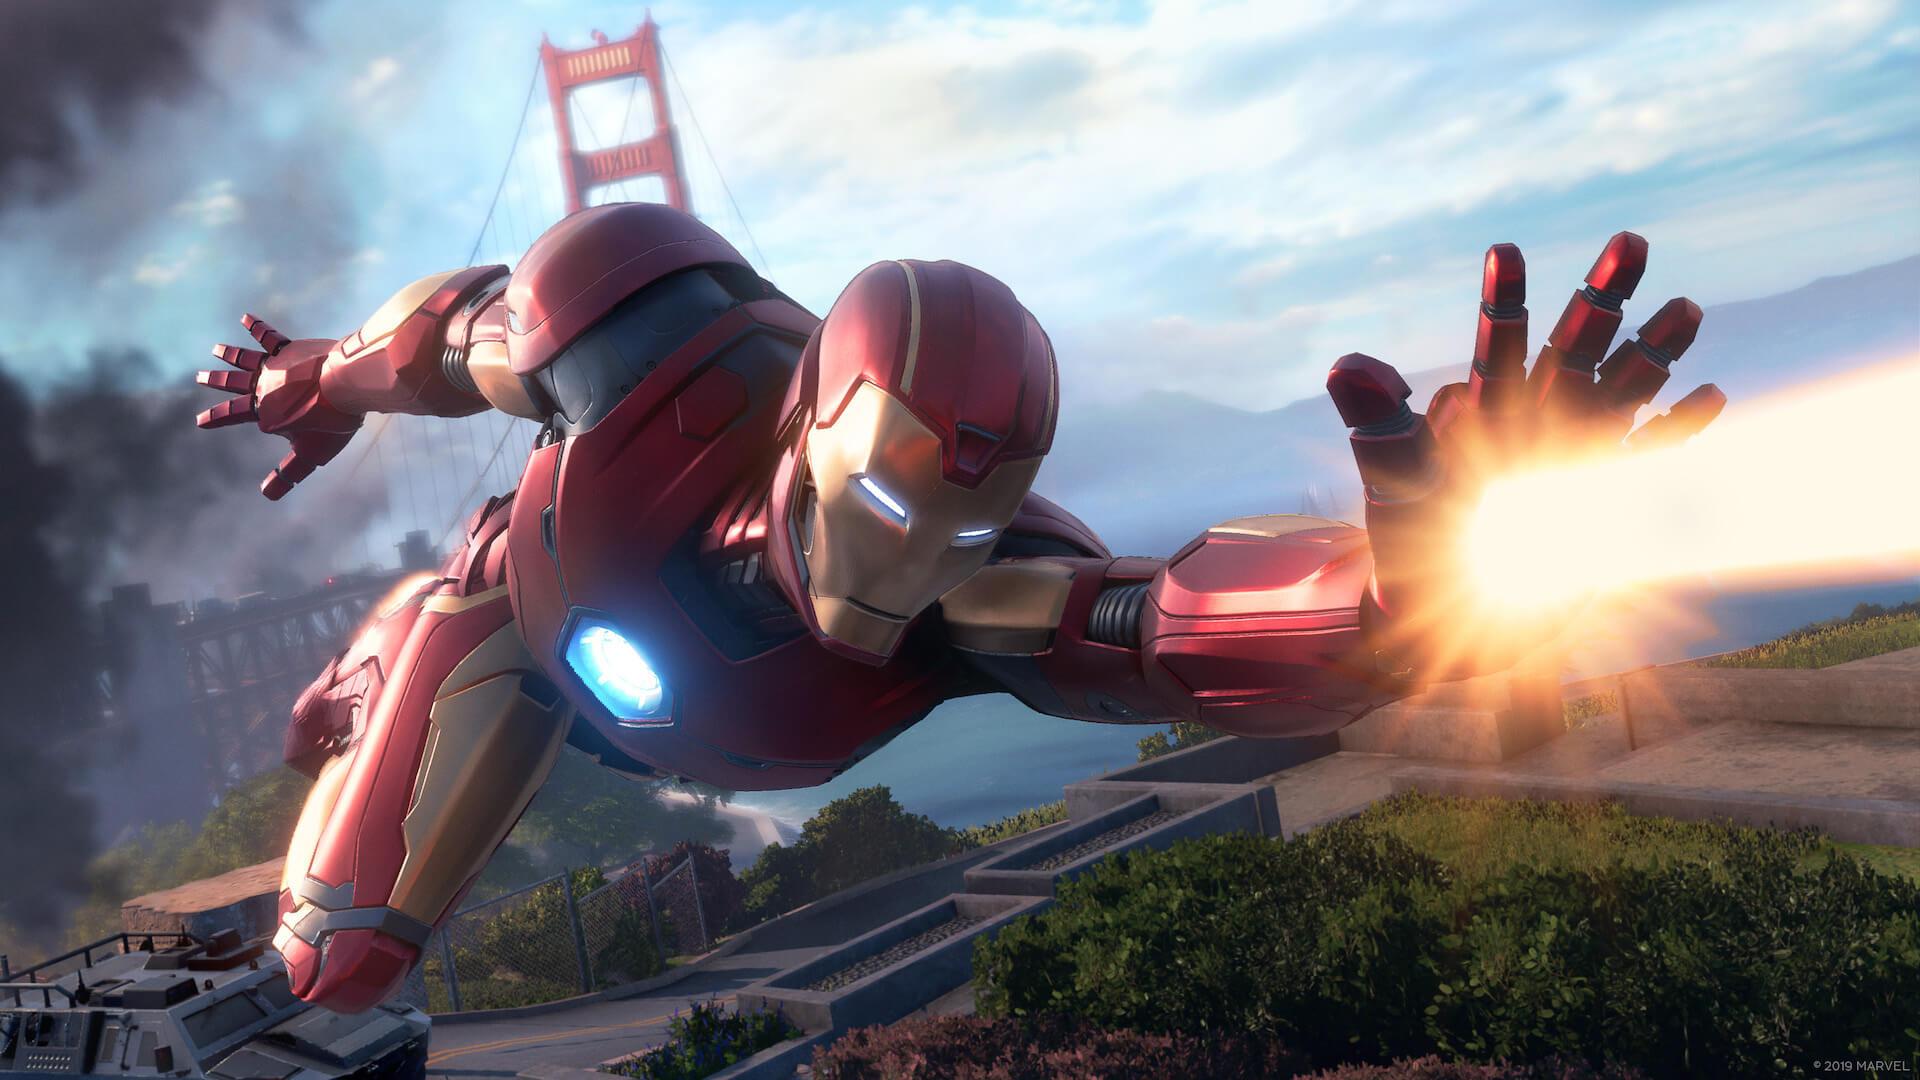 アベンジャーズ、ゲームでアッセンブル!『Marvel's Avengers』がついに予約受付開始&最新トレーラーも解禁 tech200417_avengers_game_16